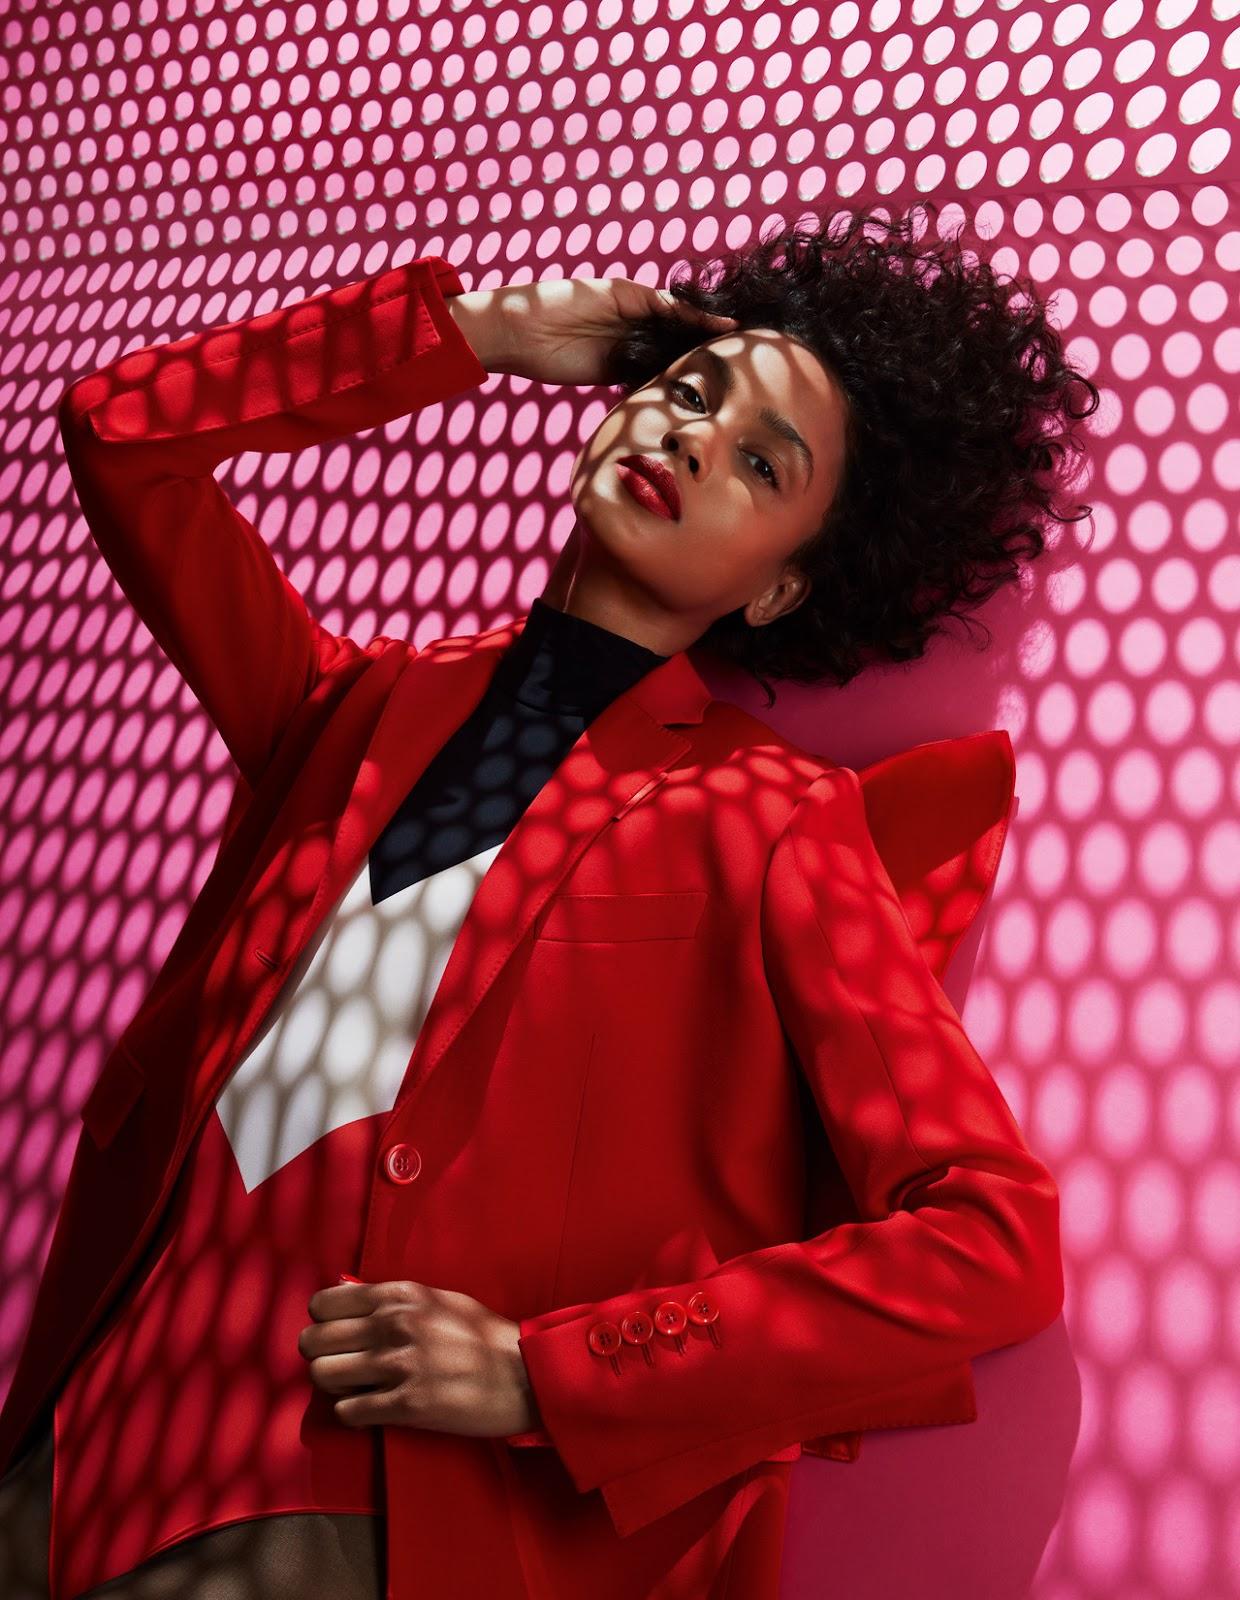 SMILE: Malaika Holmén in Vogue Scandinavia October 2021 by Sølve Sundsbø